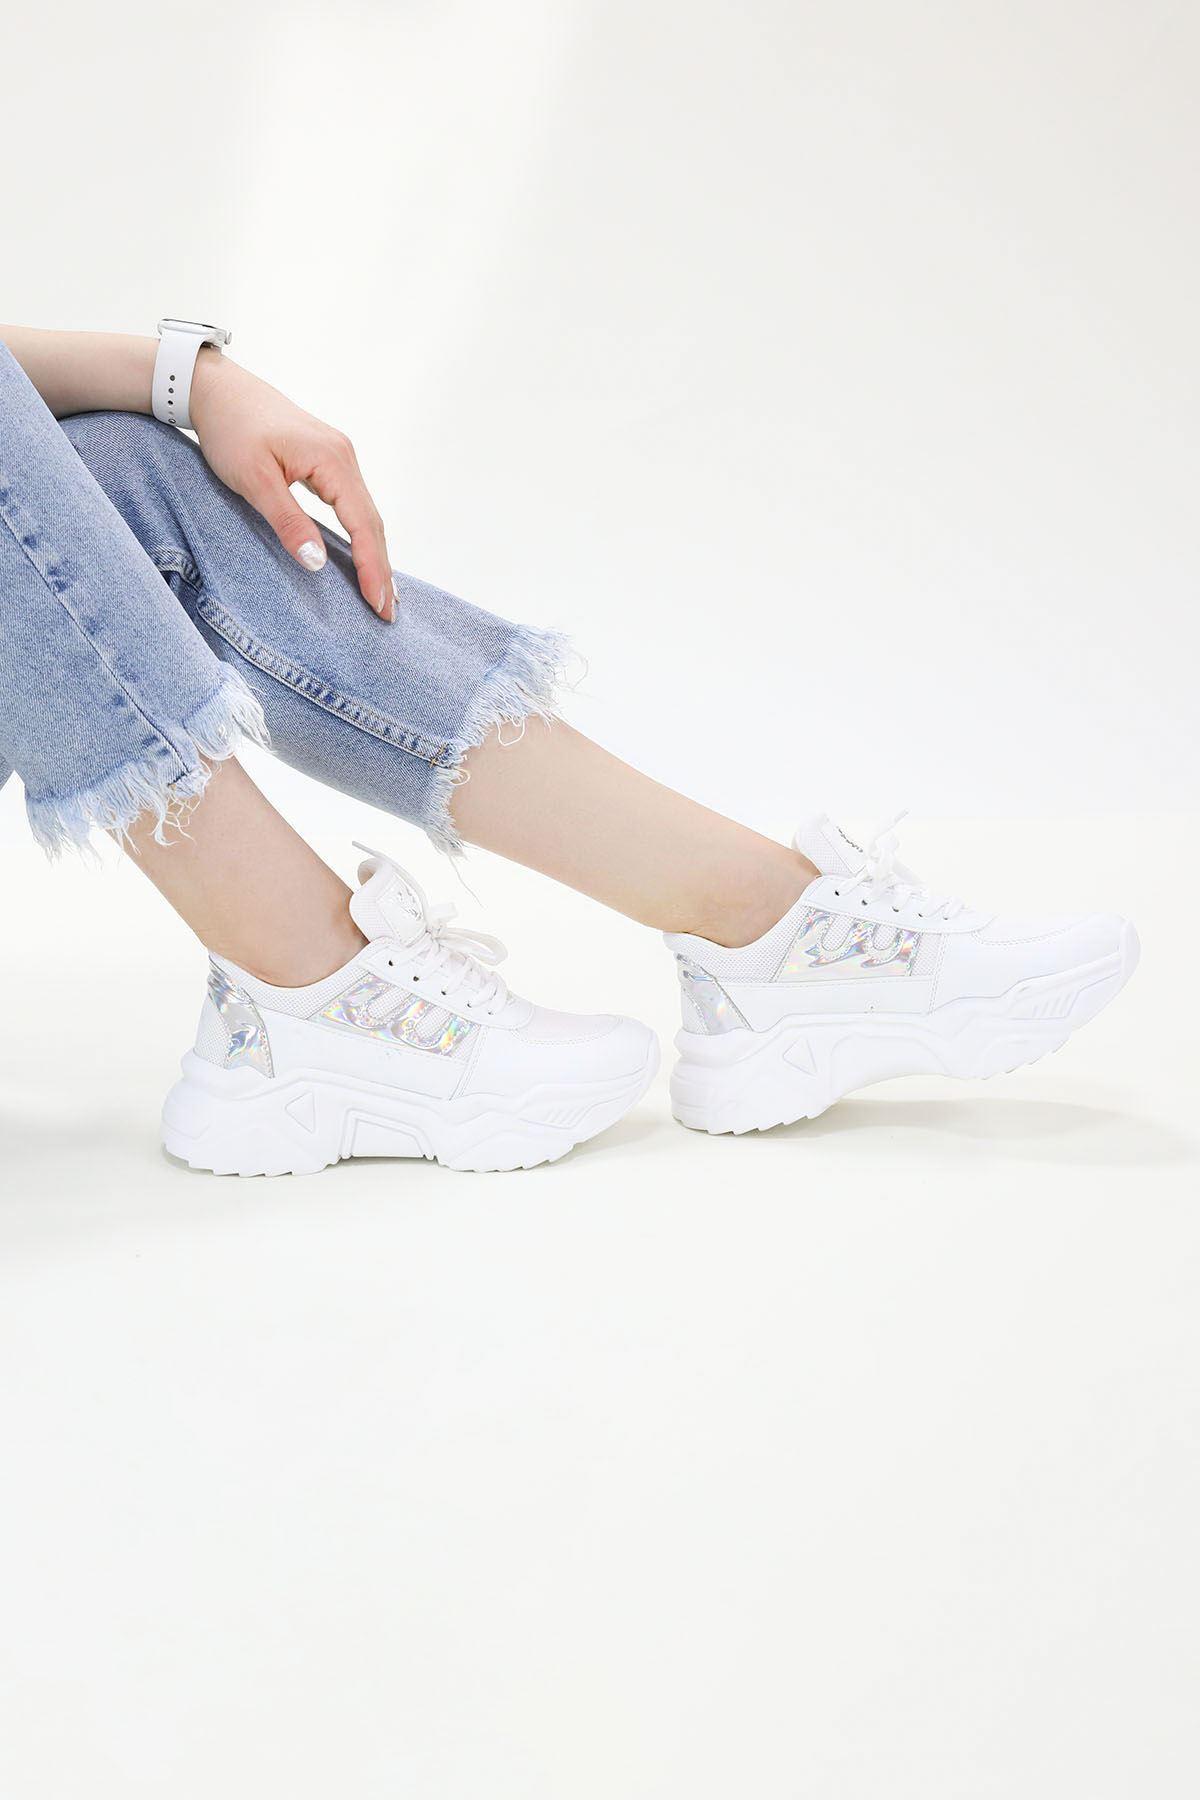 Lumi Beyaza Gümüş Spor Ayakkabı